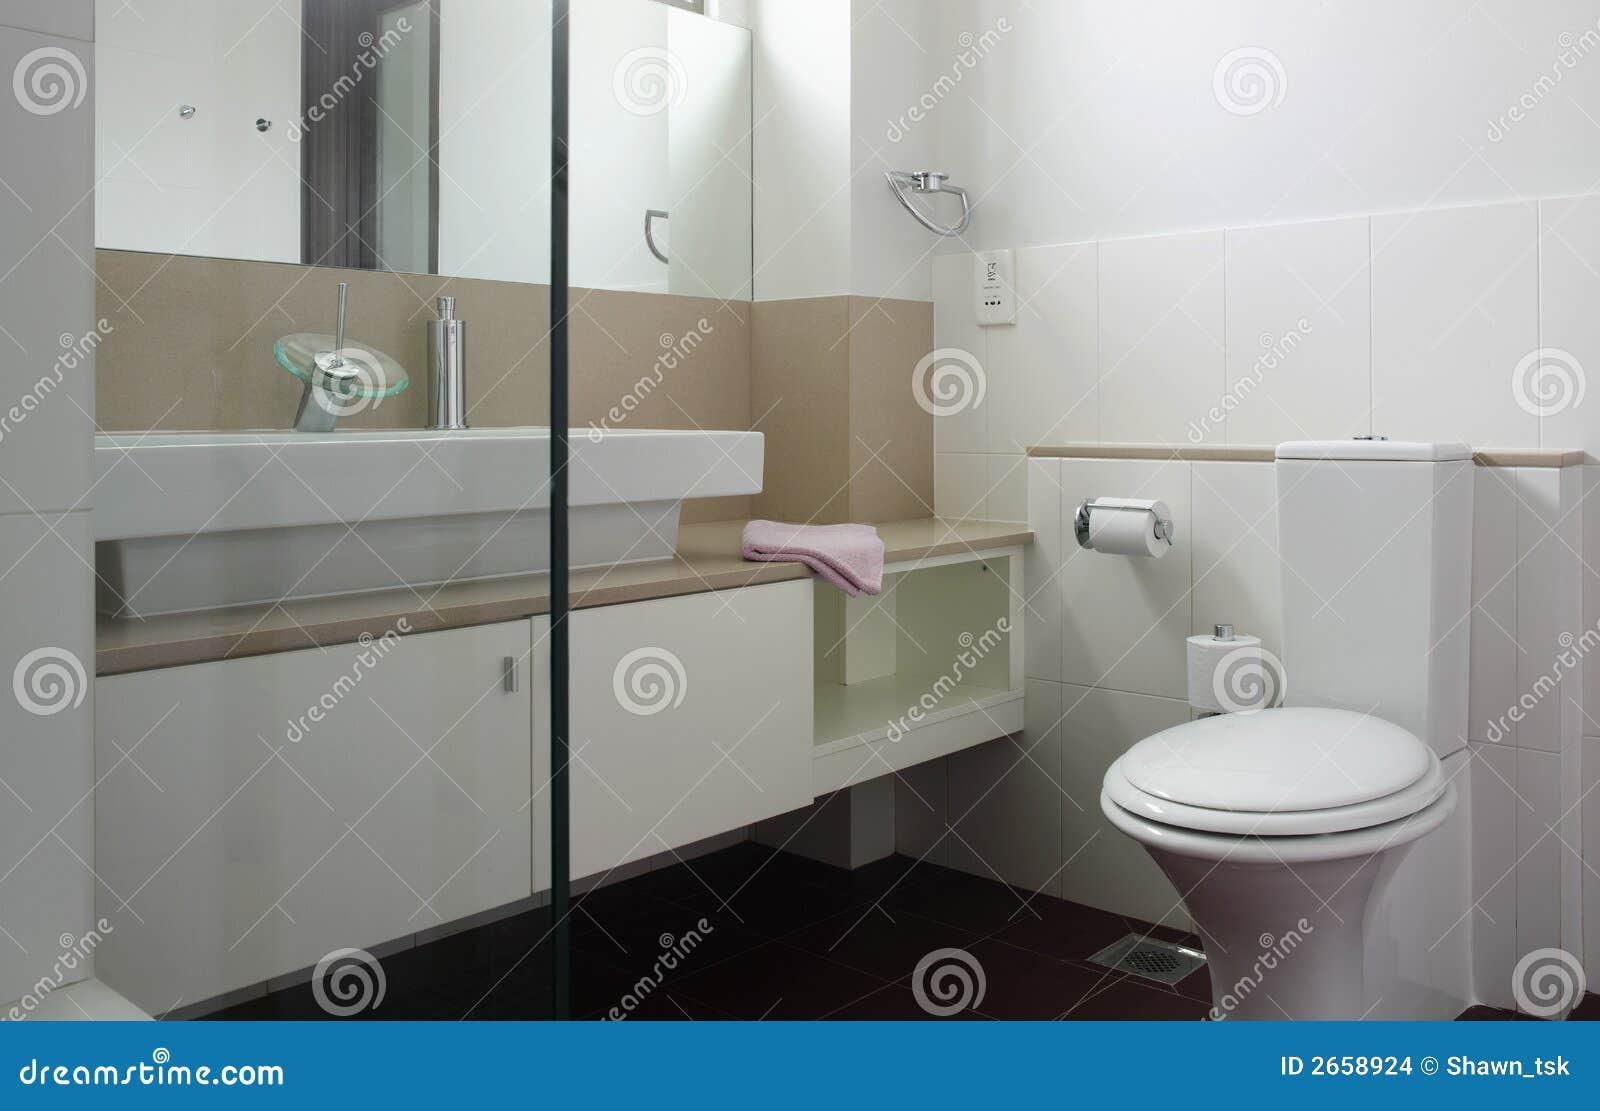 Innenarchitektur badezimmer stockbilder bild 2658924 for Innenarchitektur badezimmer